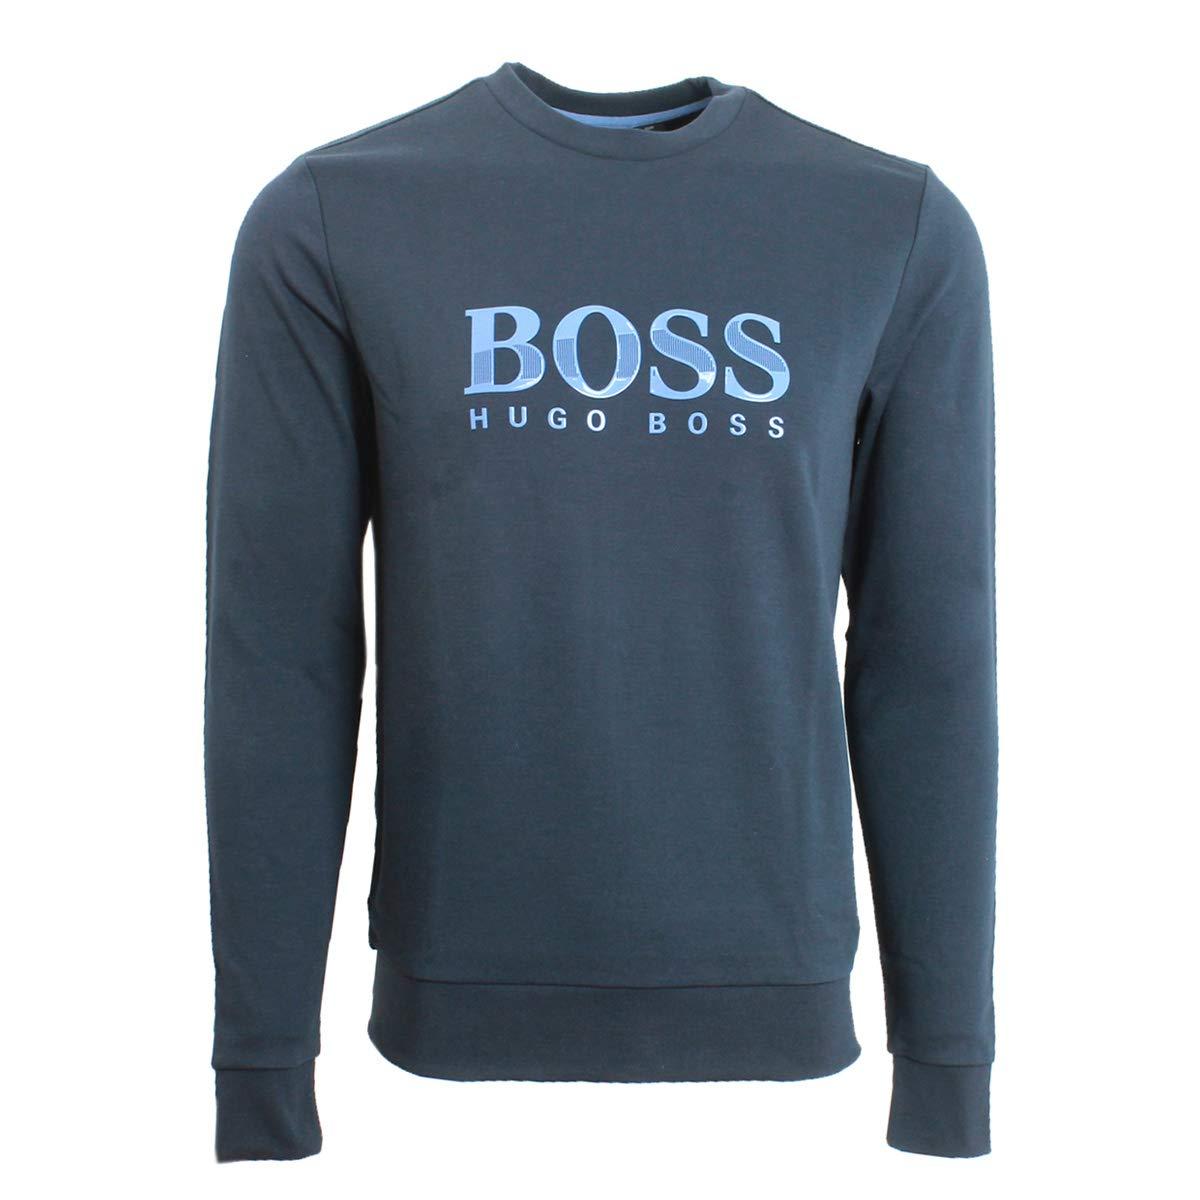 Image of Active Sweatshirts Hugo Boss Tracksuit Sweatshirt 50414670 403